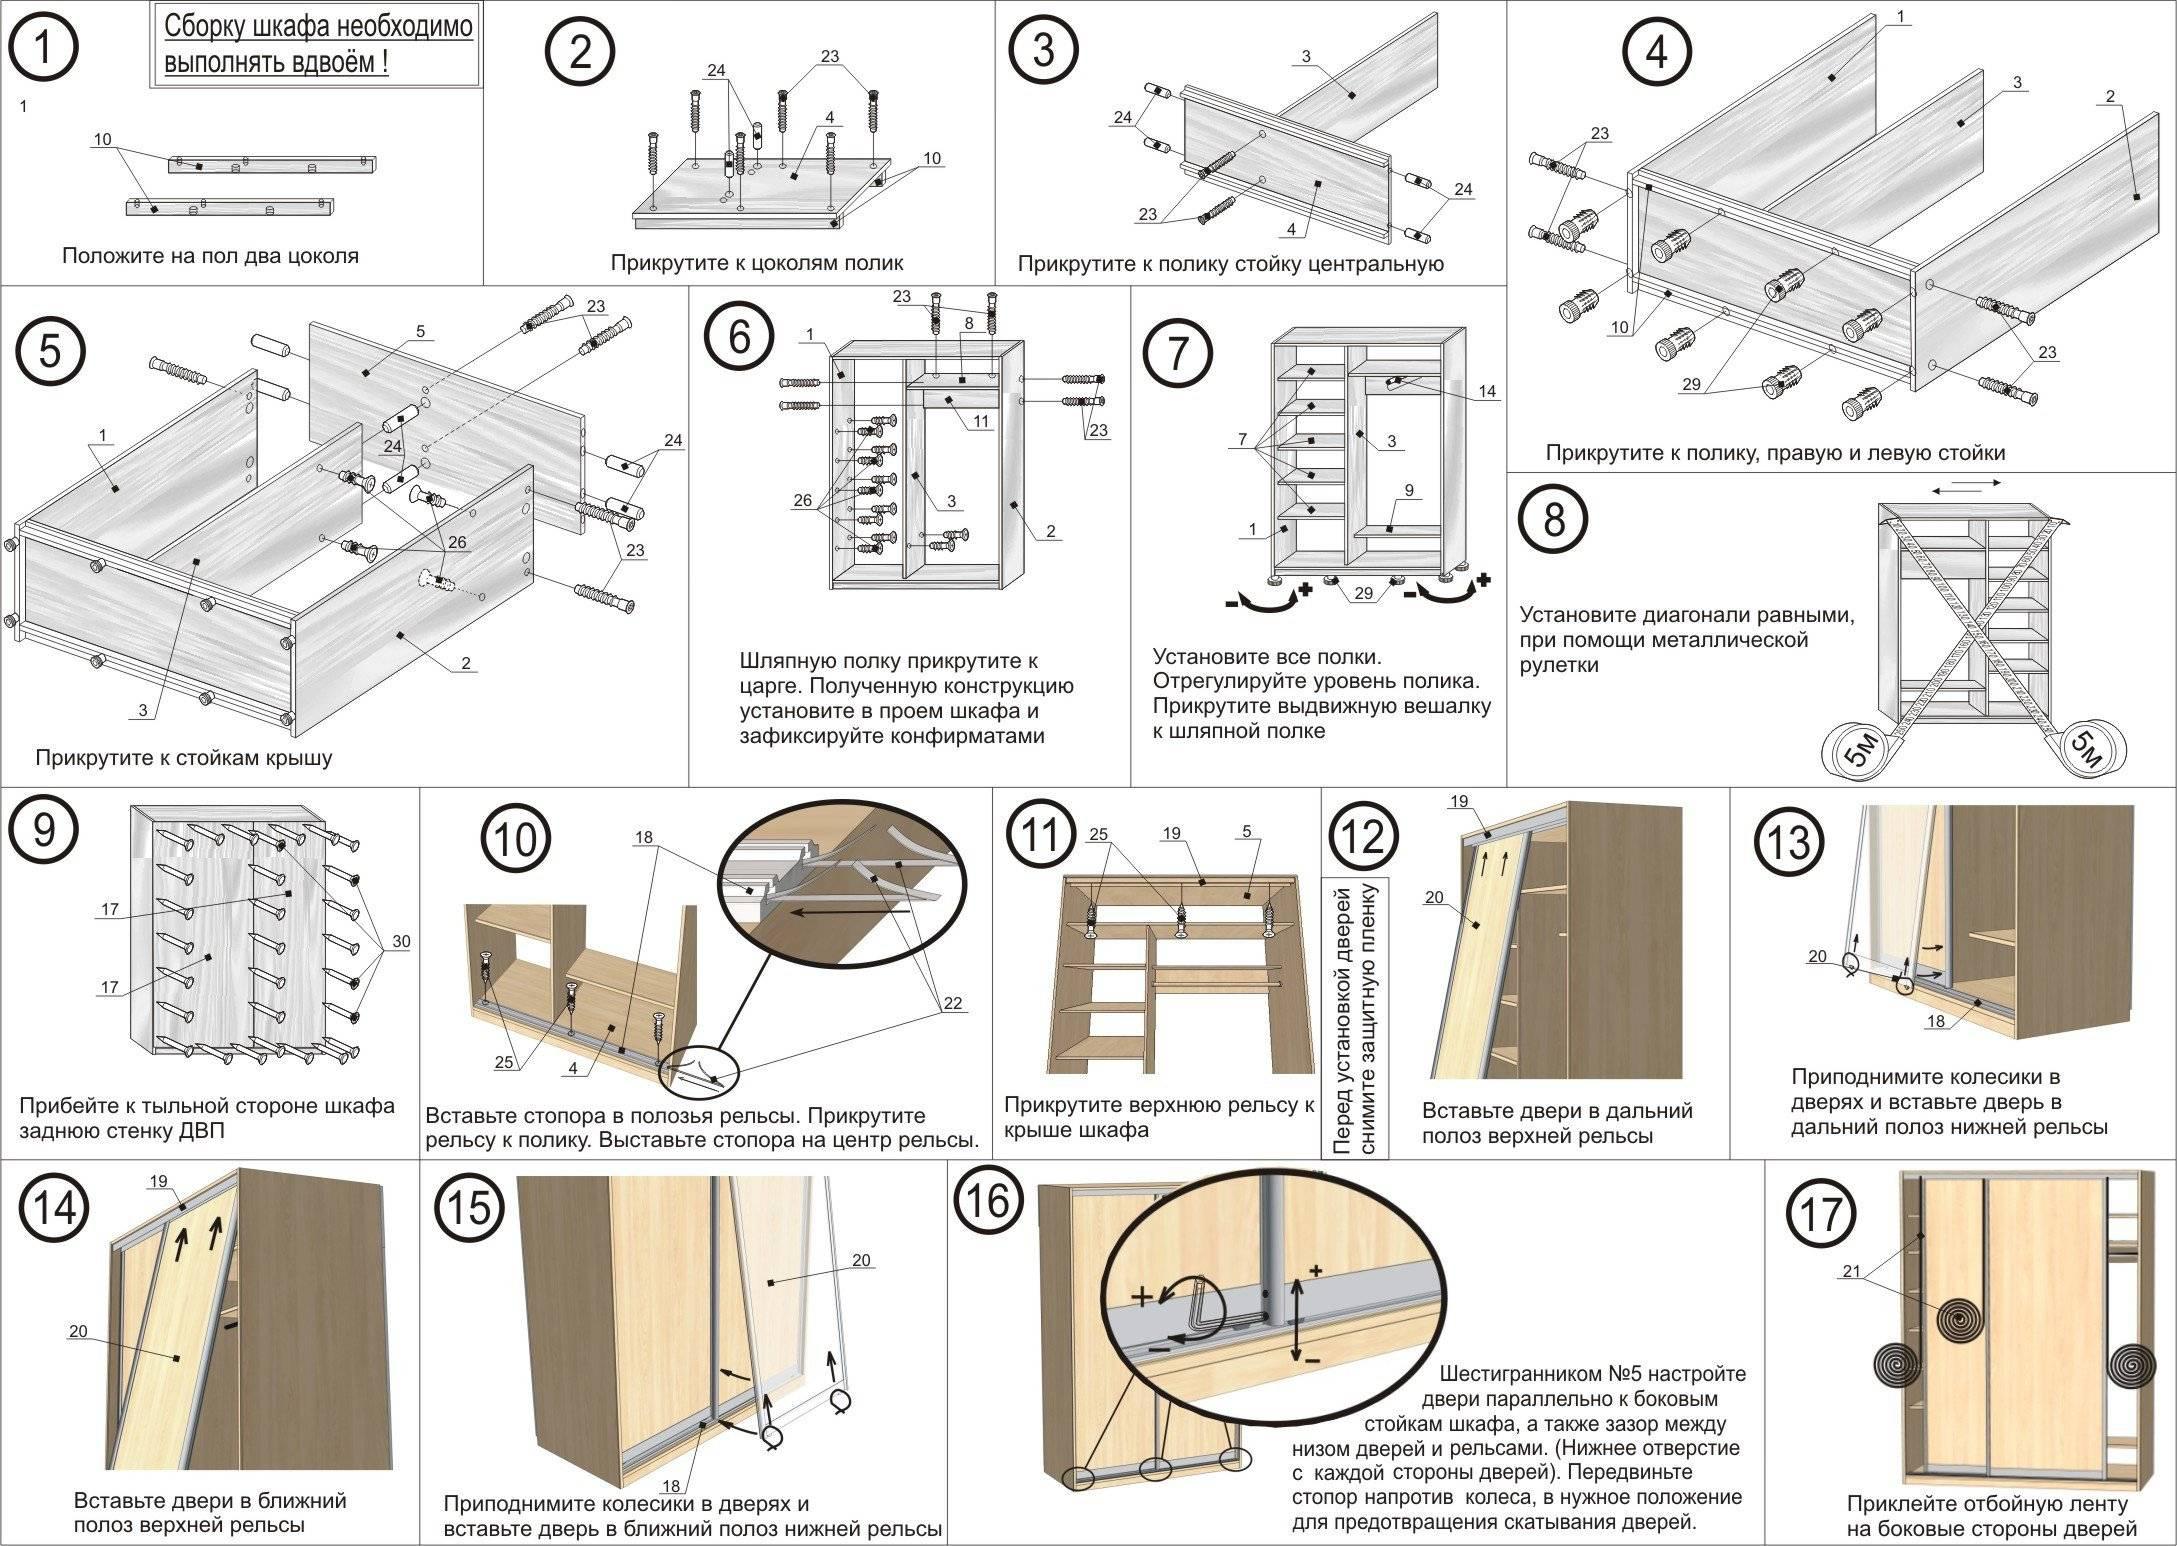 Как красиво сделать шкаф на балкон (лоджию) своими руками: инструкция с фото